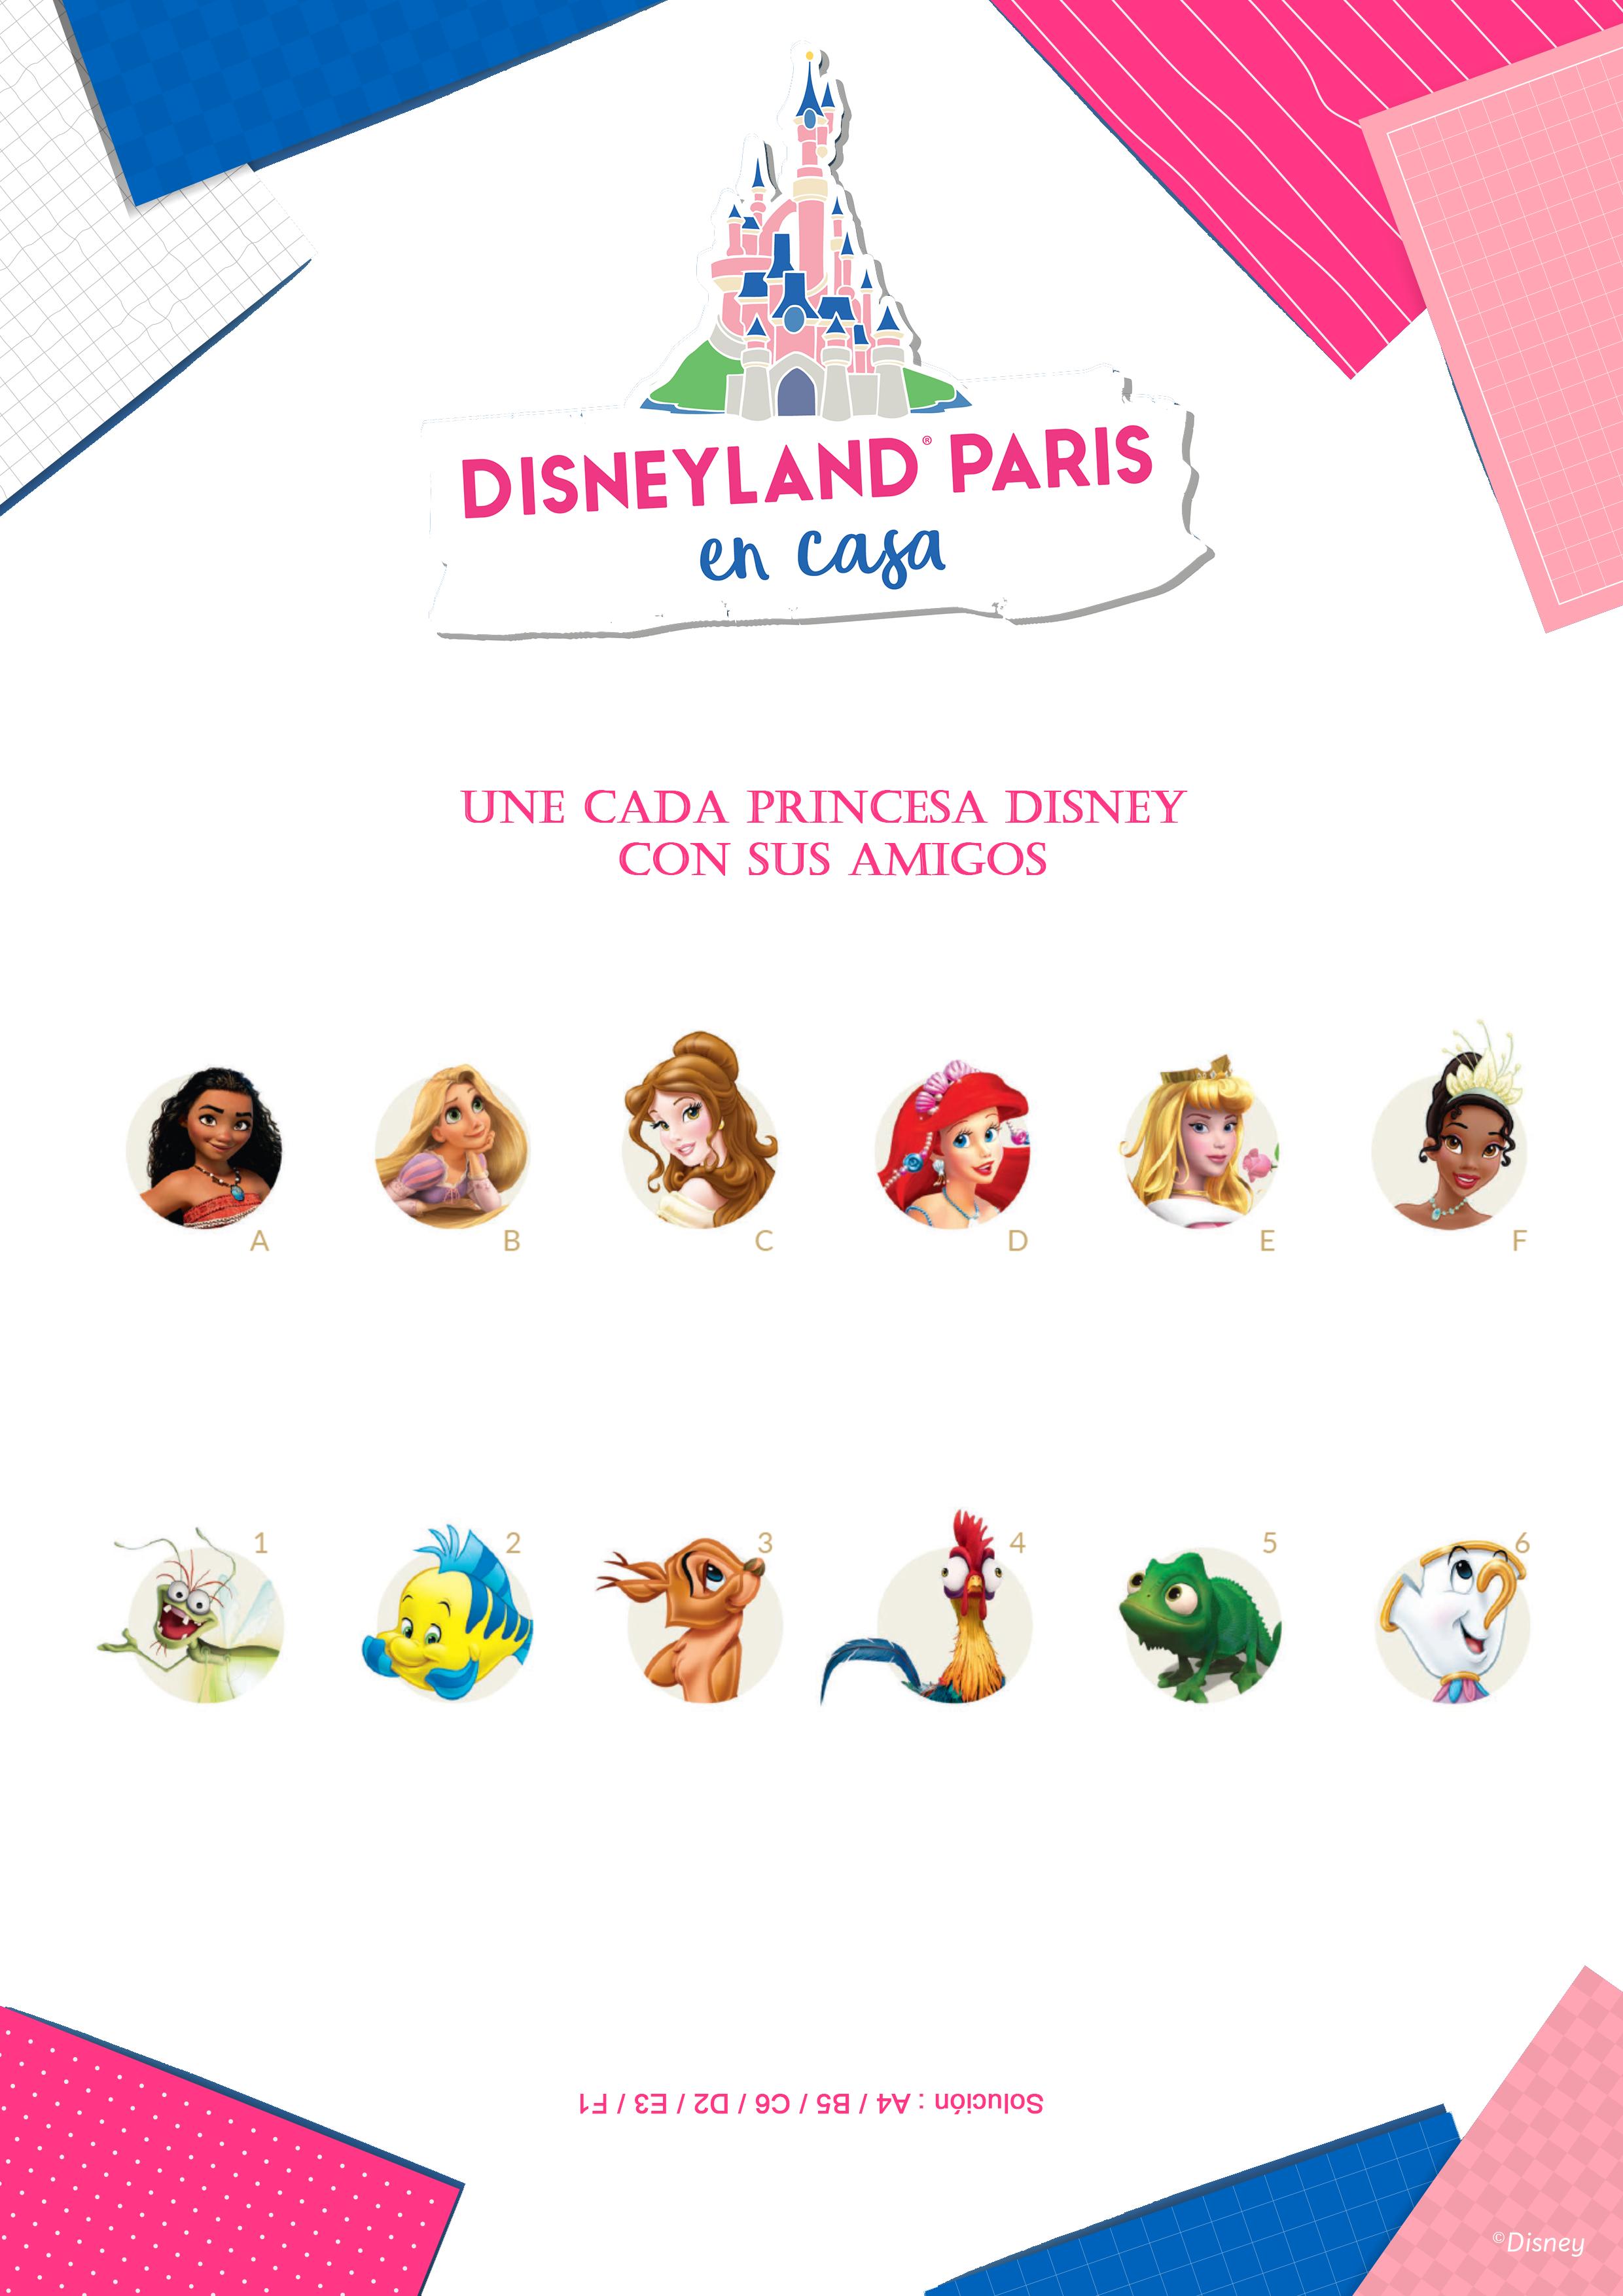 Une cada Princesa Disney con sus amigos